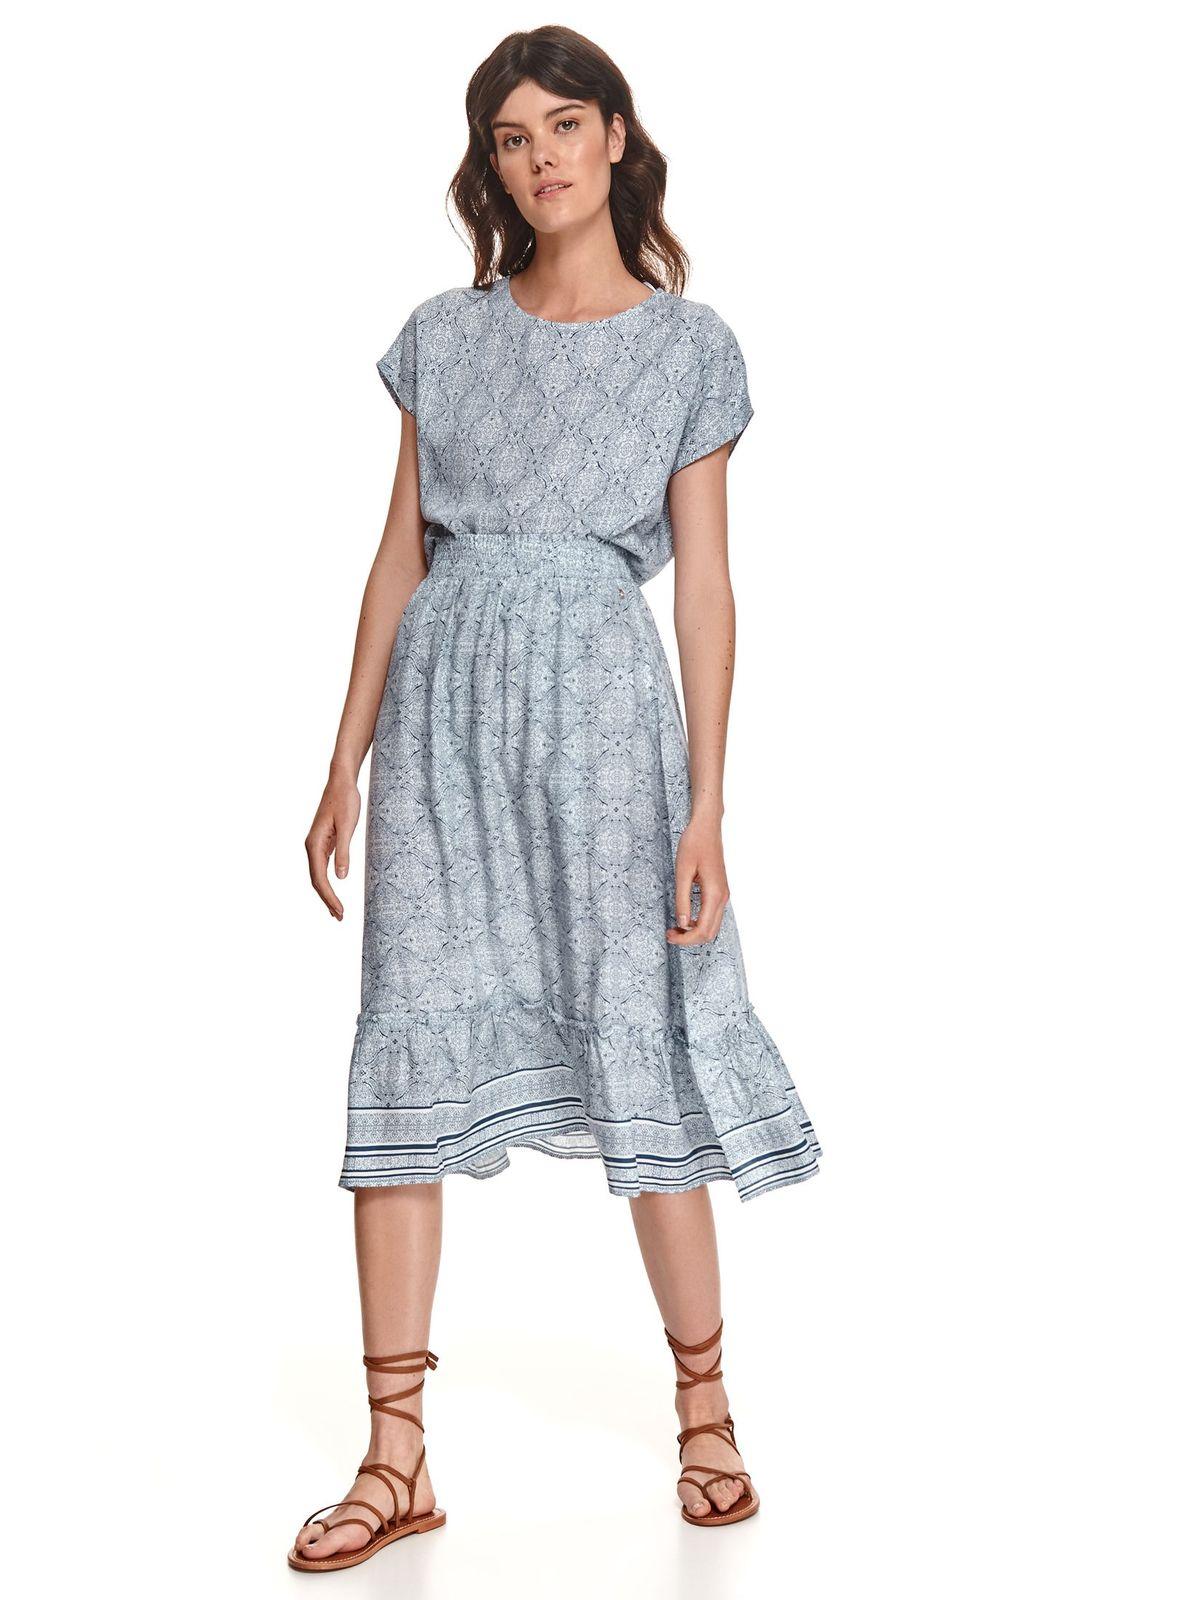 Darkblue skirt midi cloche with elastic waist high waisted